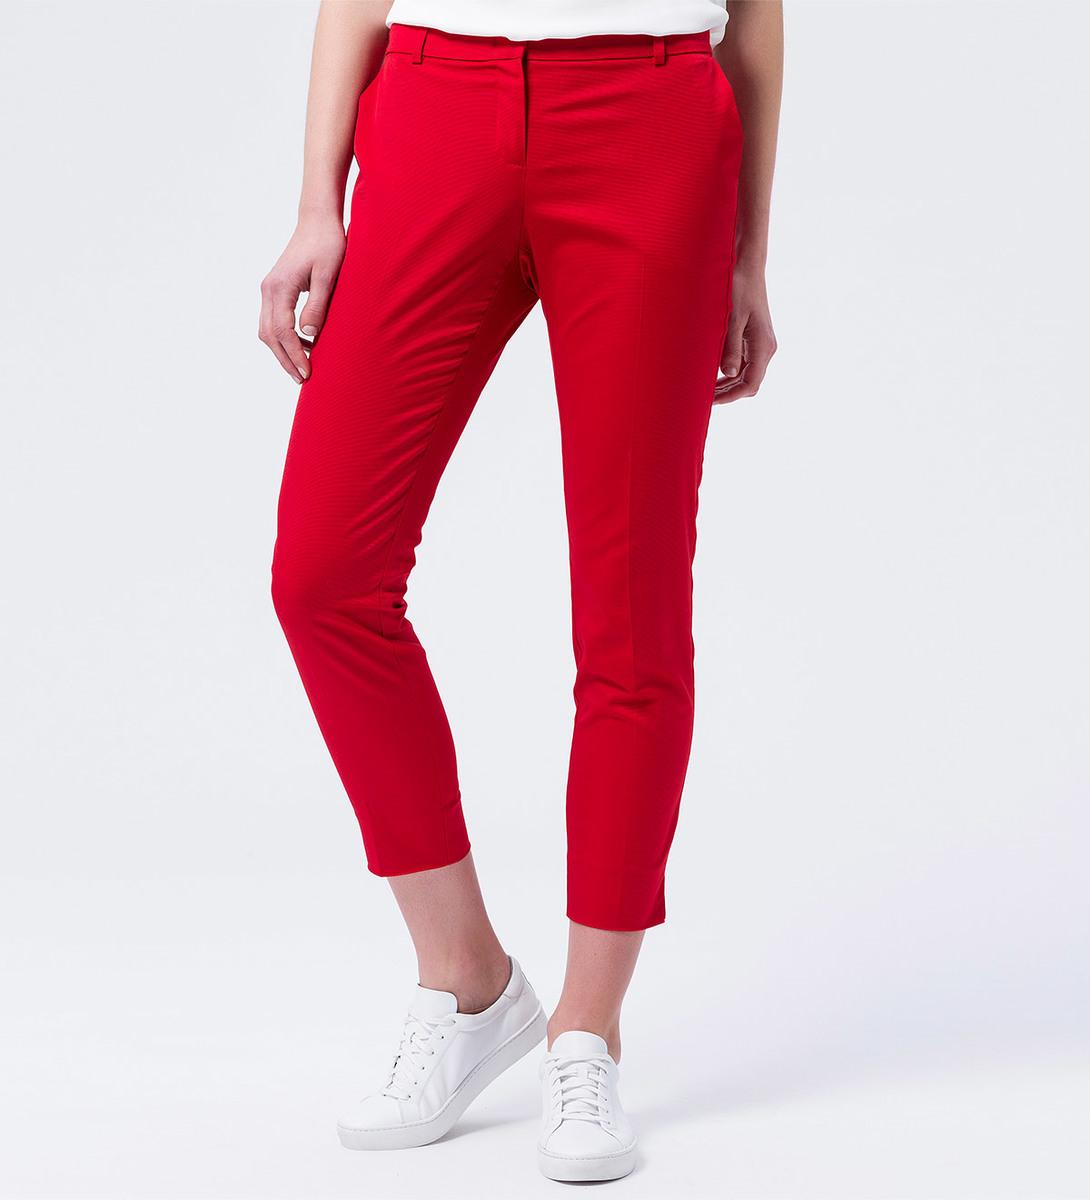 Hose mit strukturierter Oberfläche 28 Inch in chili red